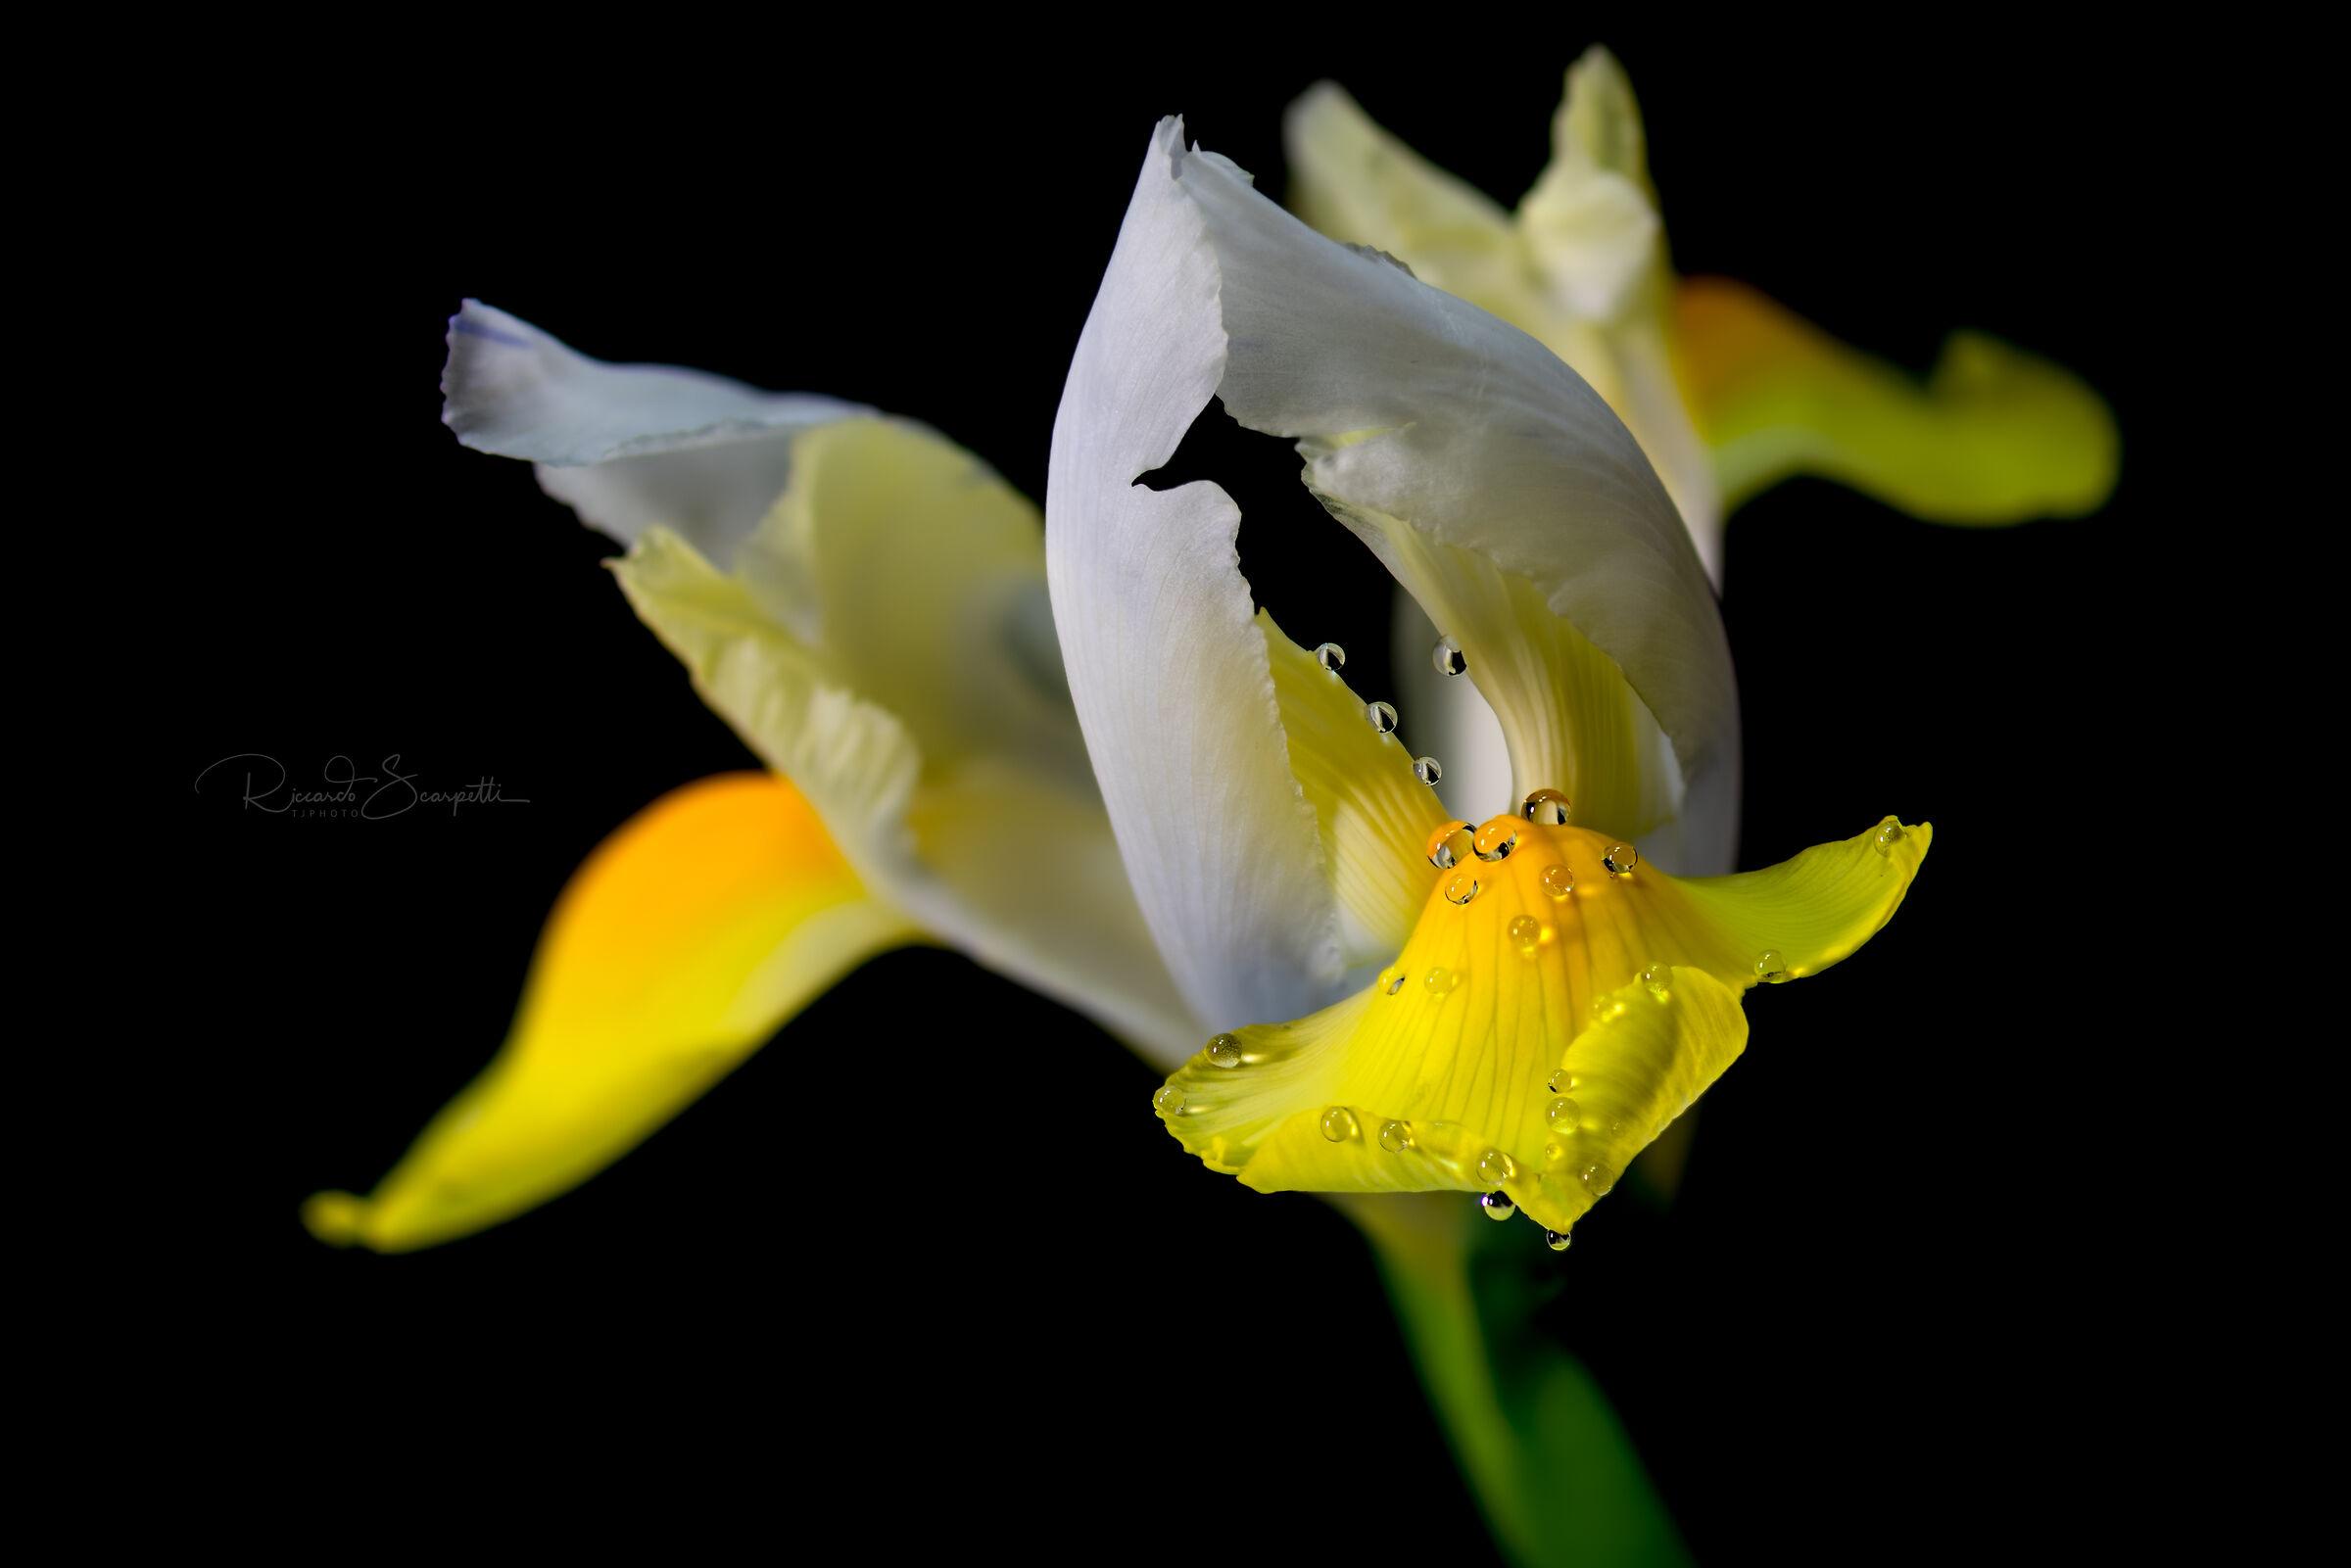 The Iris (also called a garden) ...